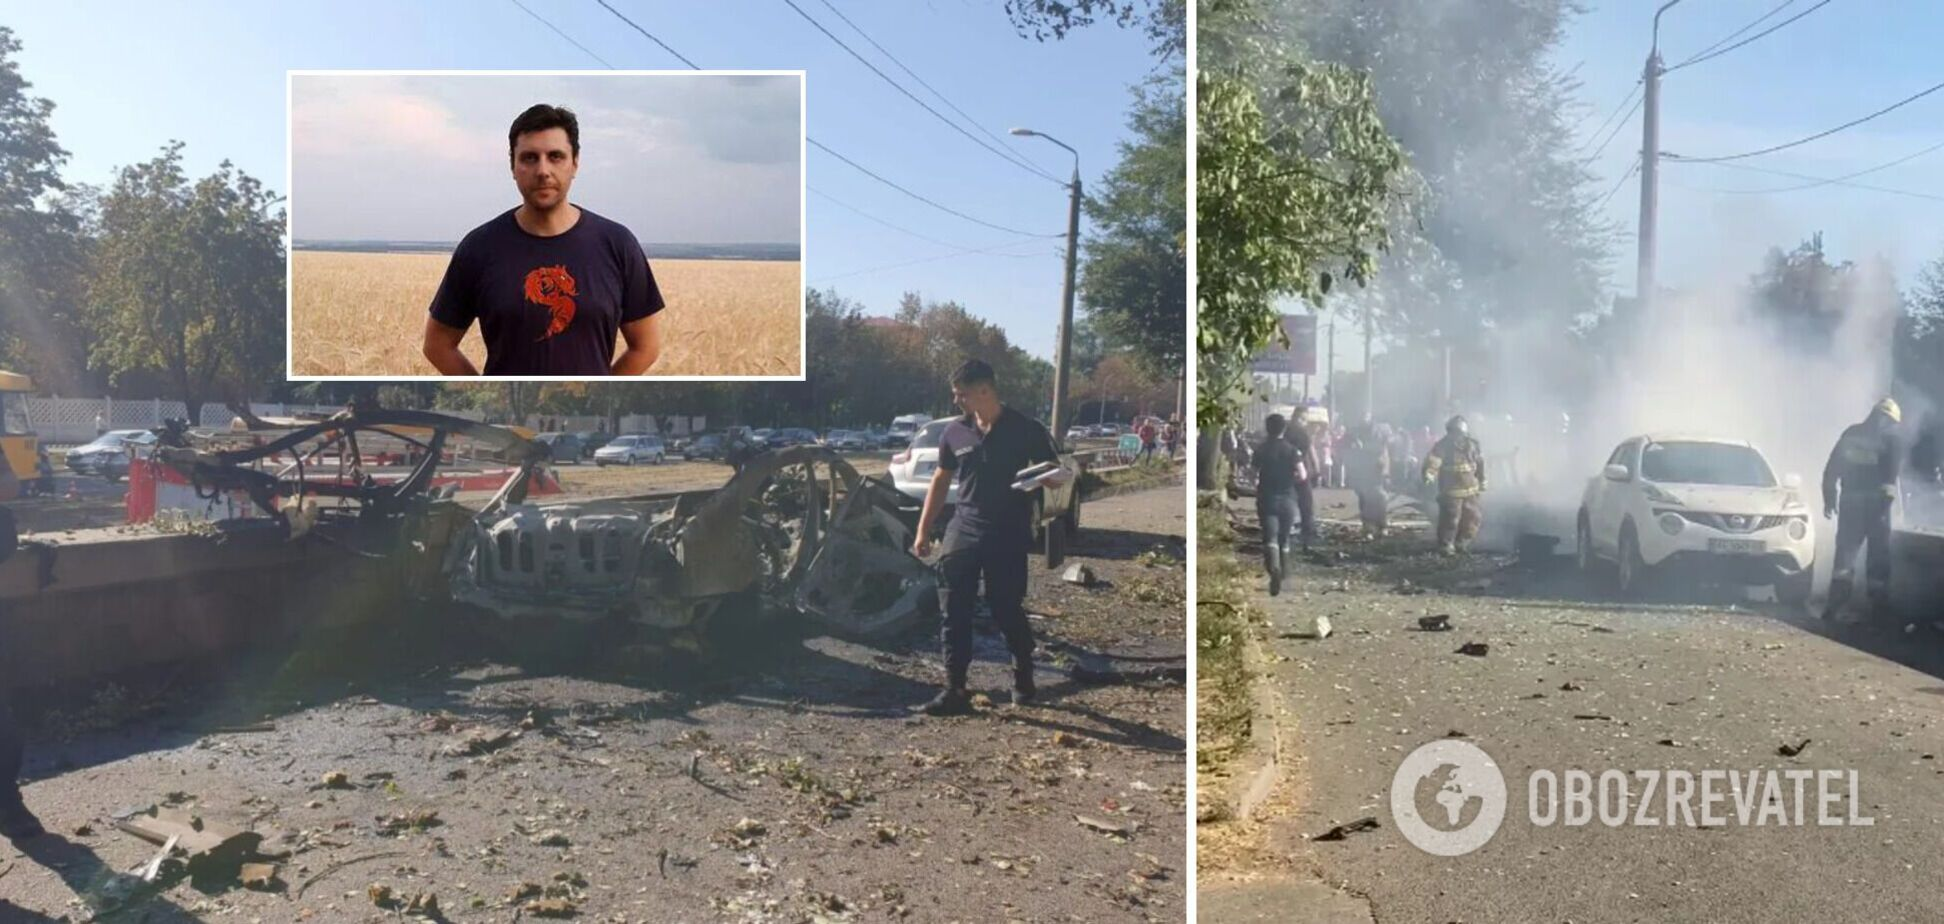 Позивний 'Змій': з'явилися подробиці про загиблого під час вибуху в Дніпрі сапера